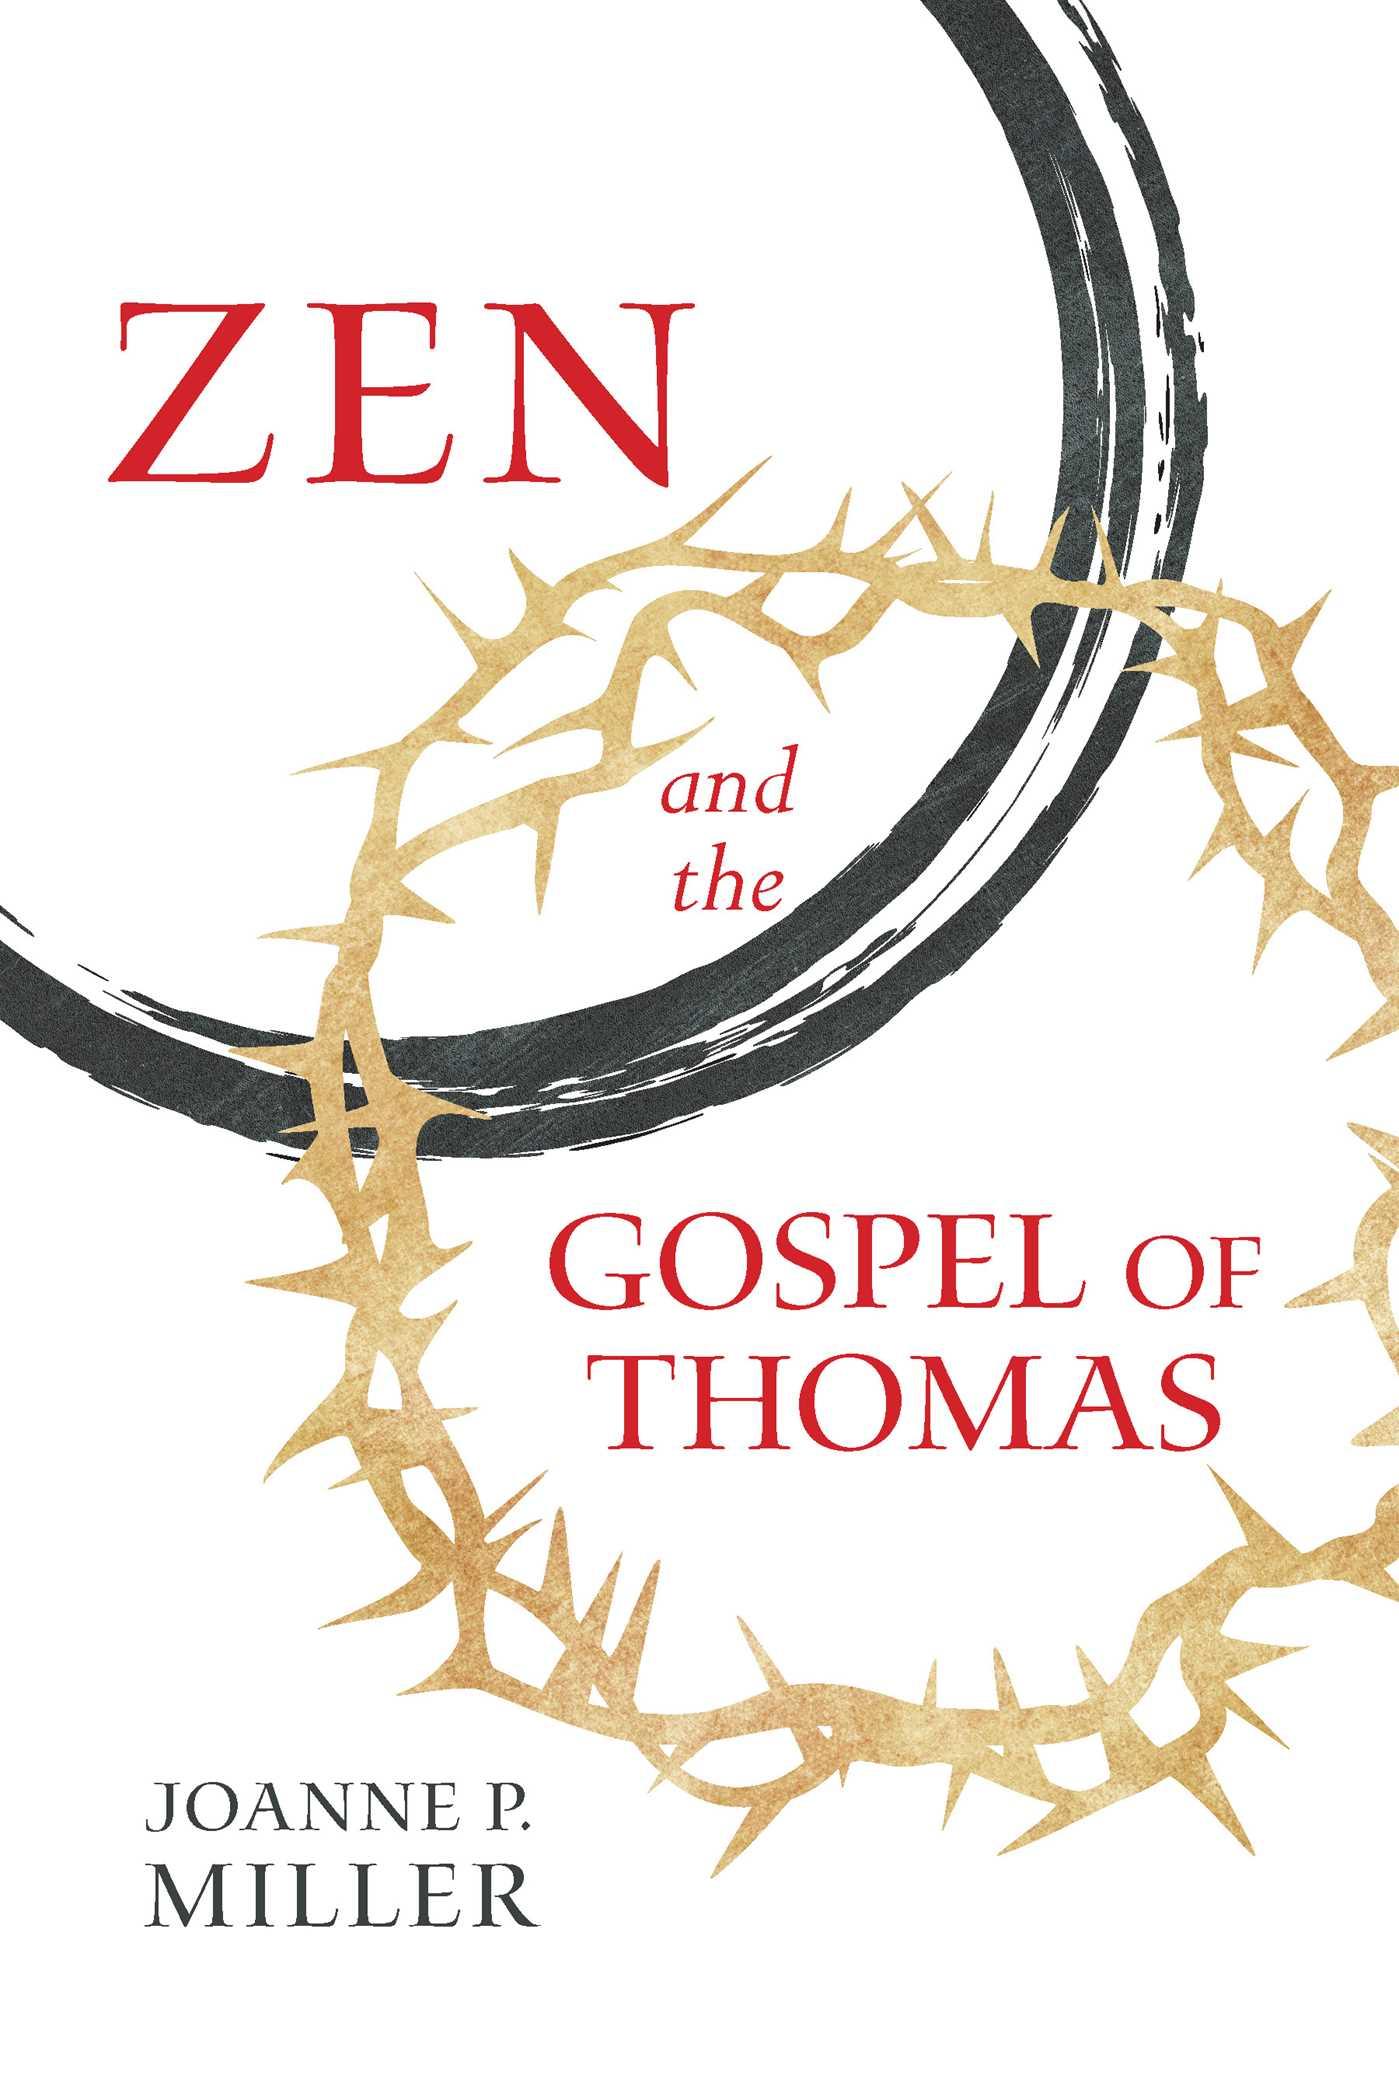 Zen and the gospel of thomas 9781614293651 hr